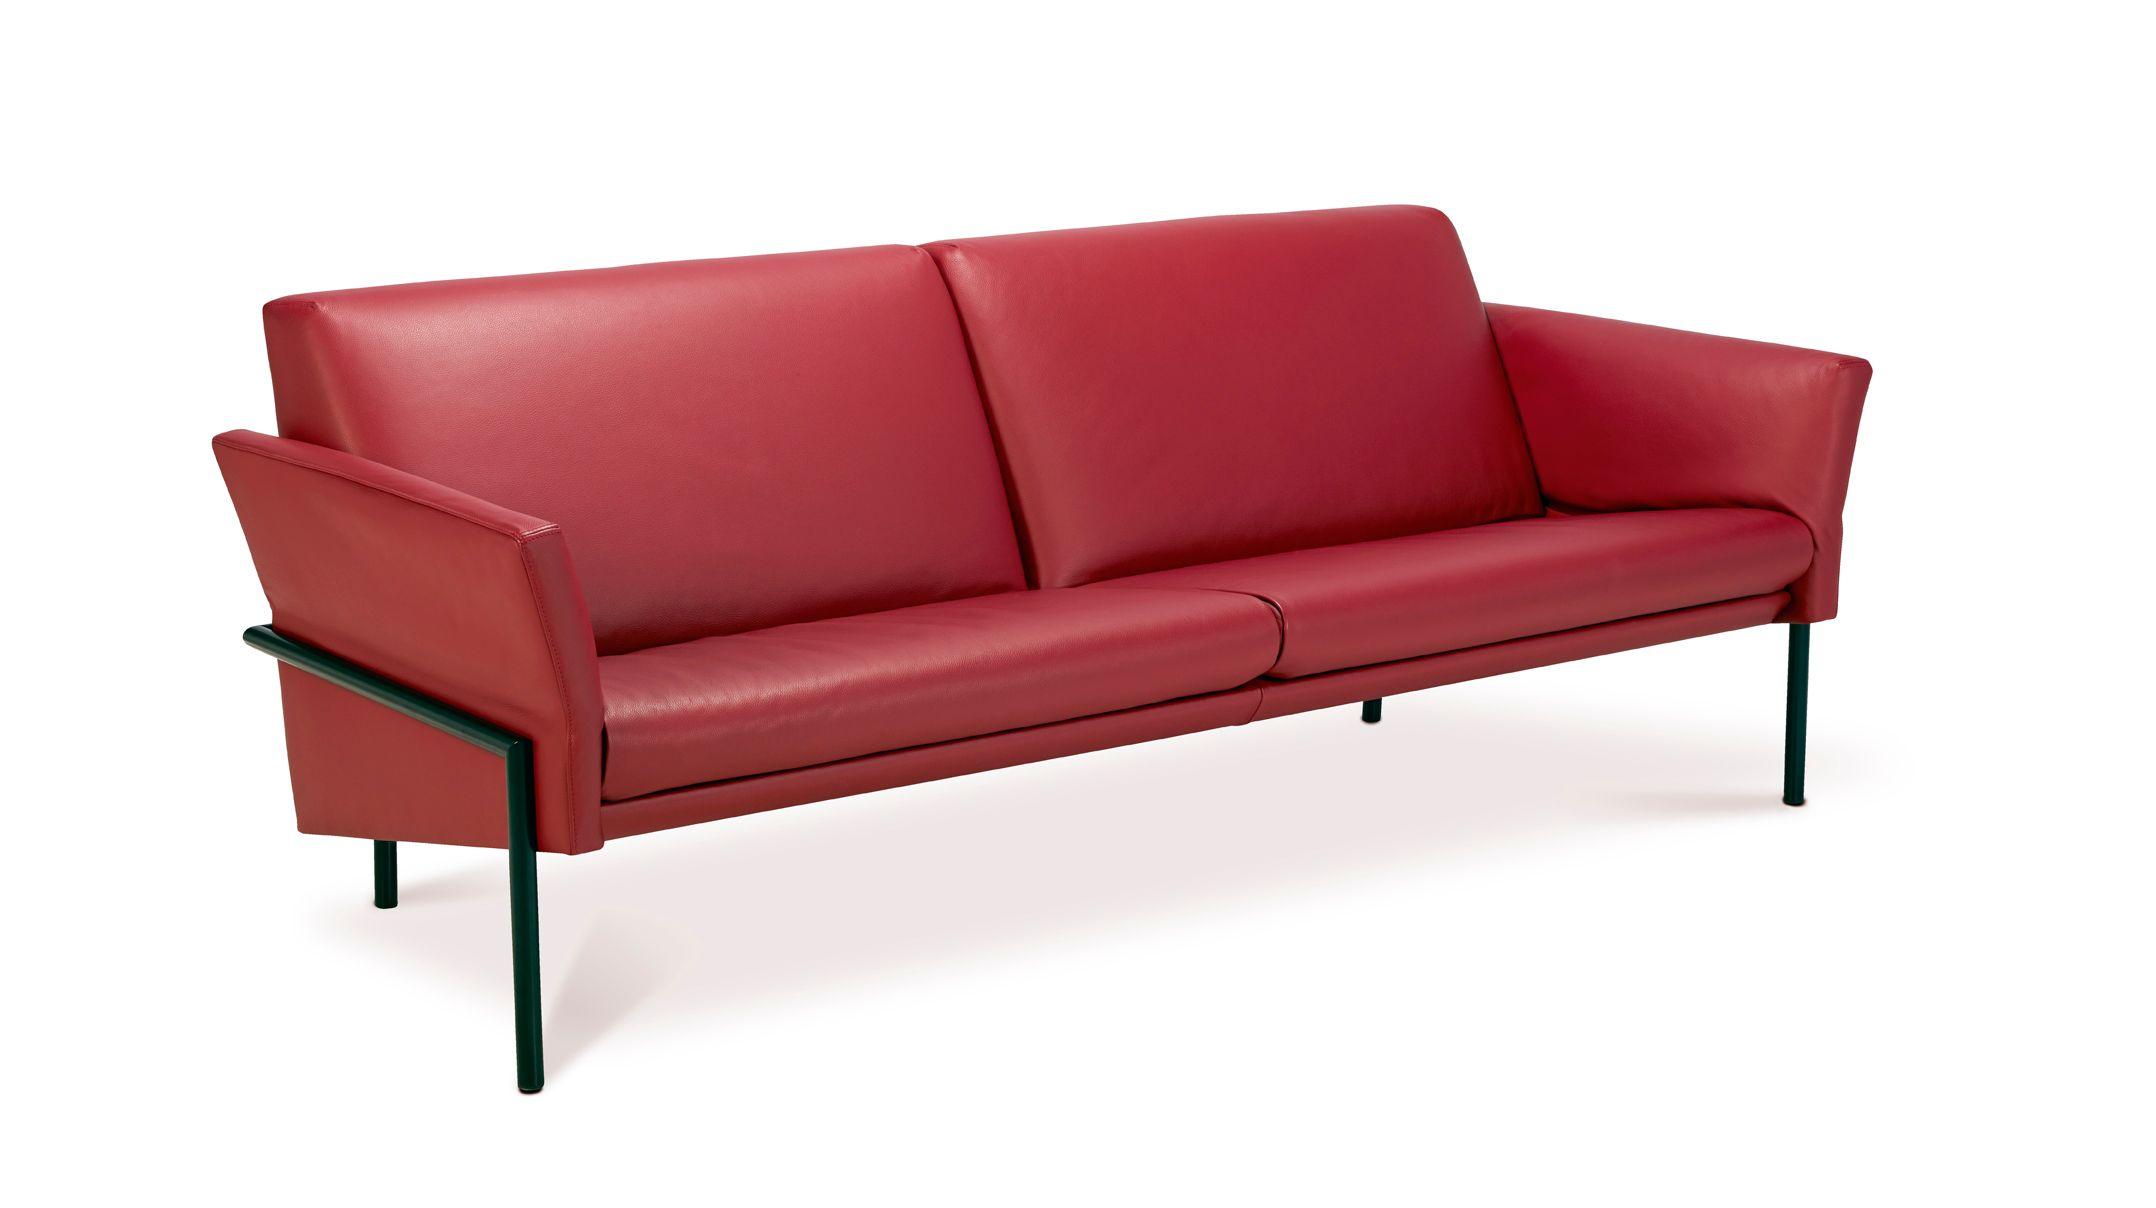 tosca leather sofa by jori design jean pierre audebert. Black Bedroom Furniture Sets. Home Design Ideas